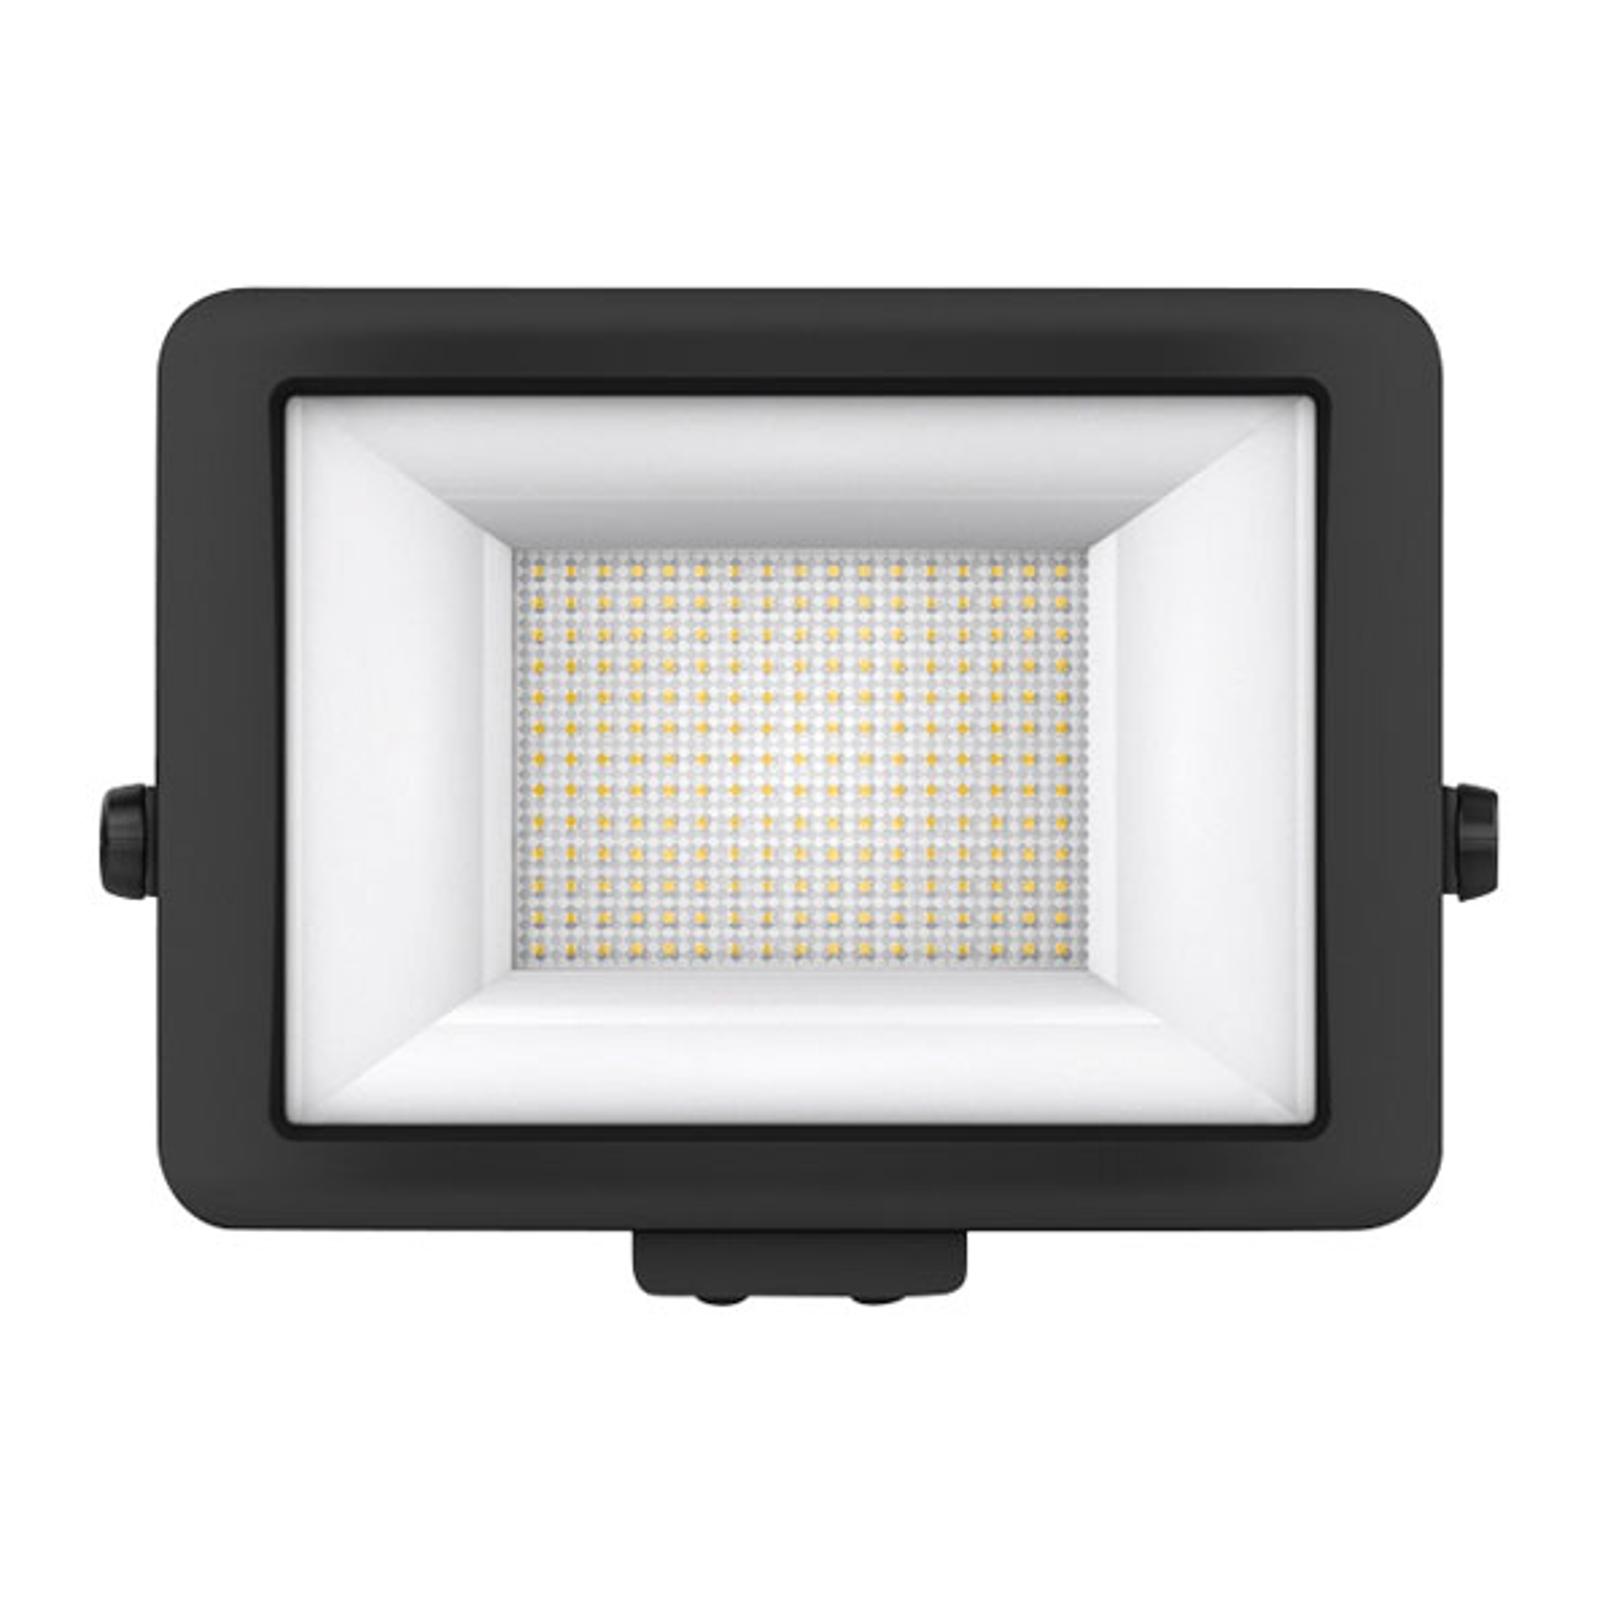 Theben theLeda B100L spot d'extérieur LED, noir